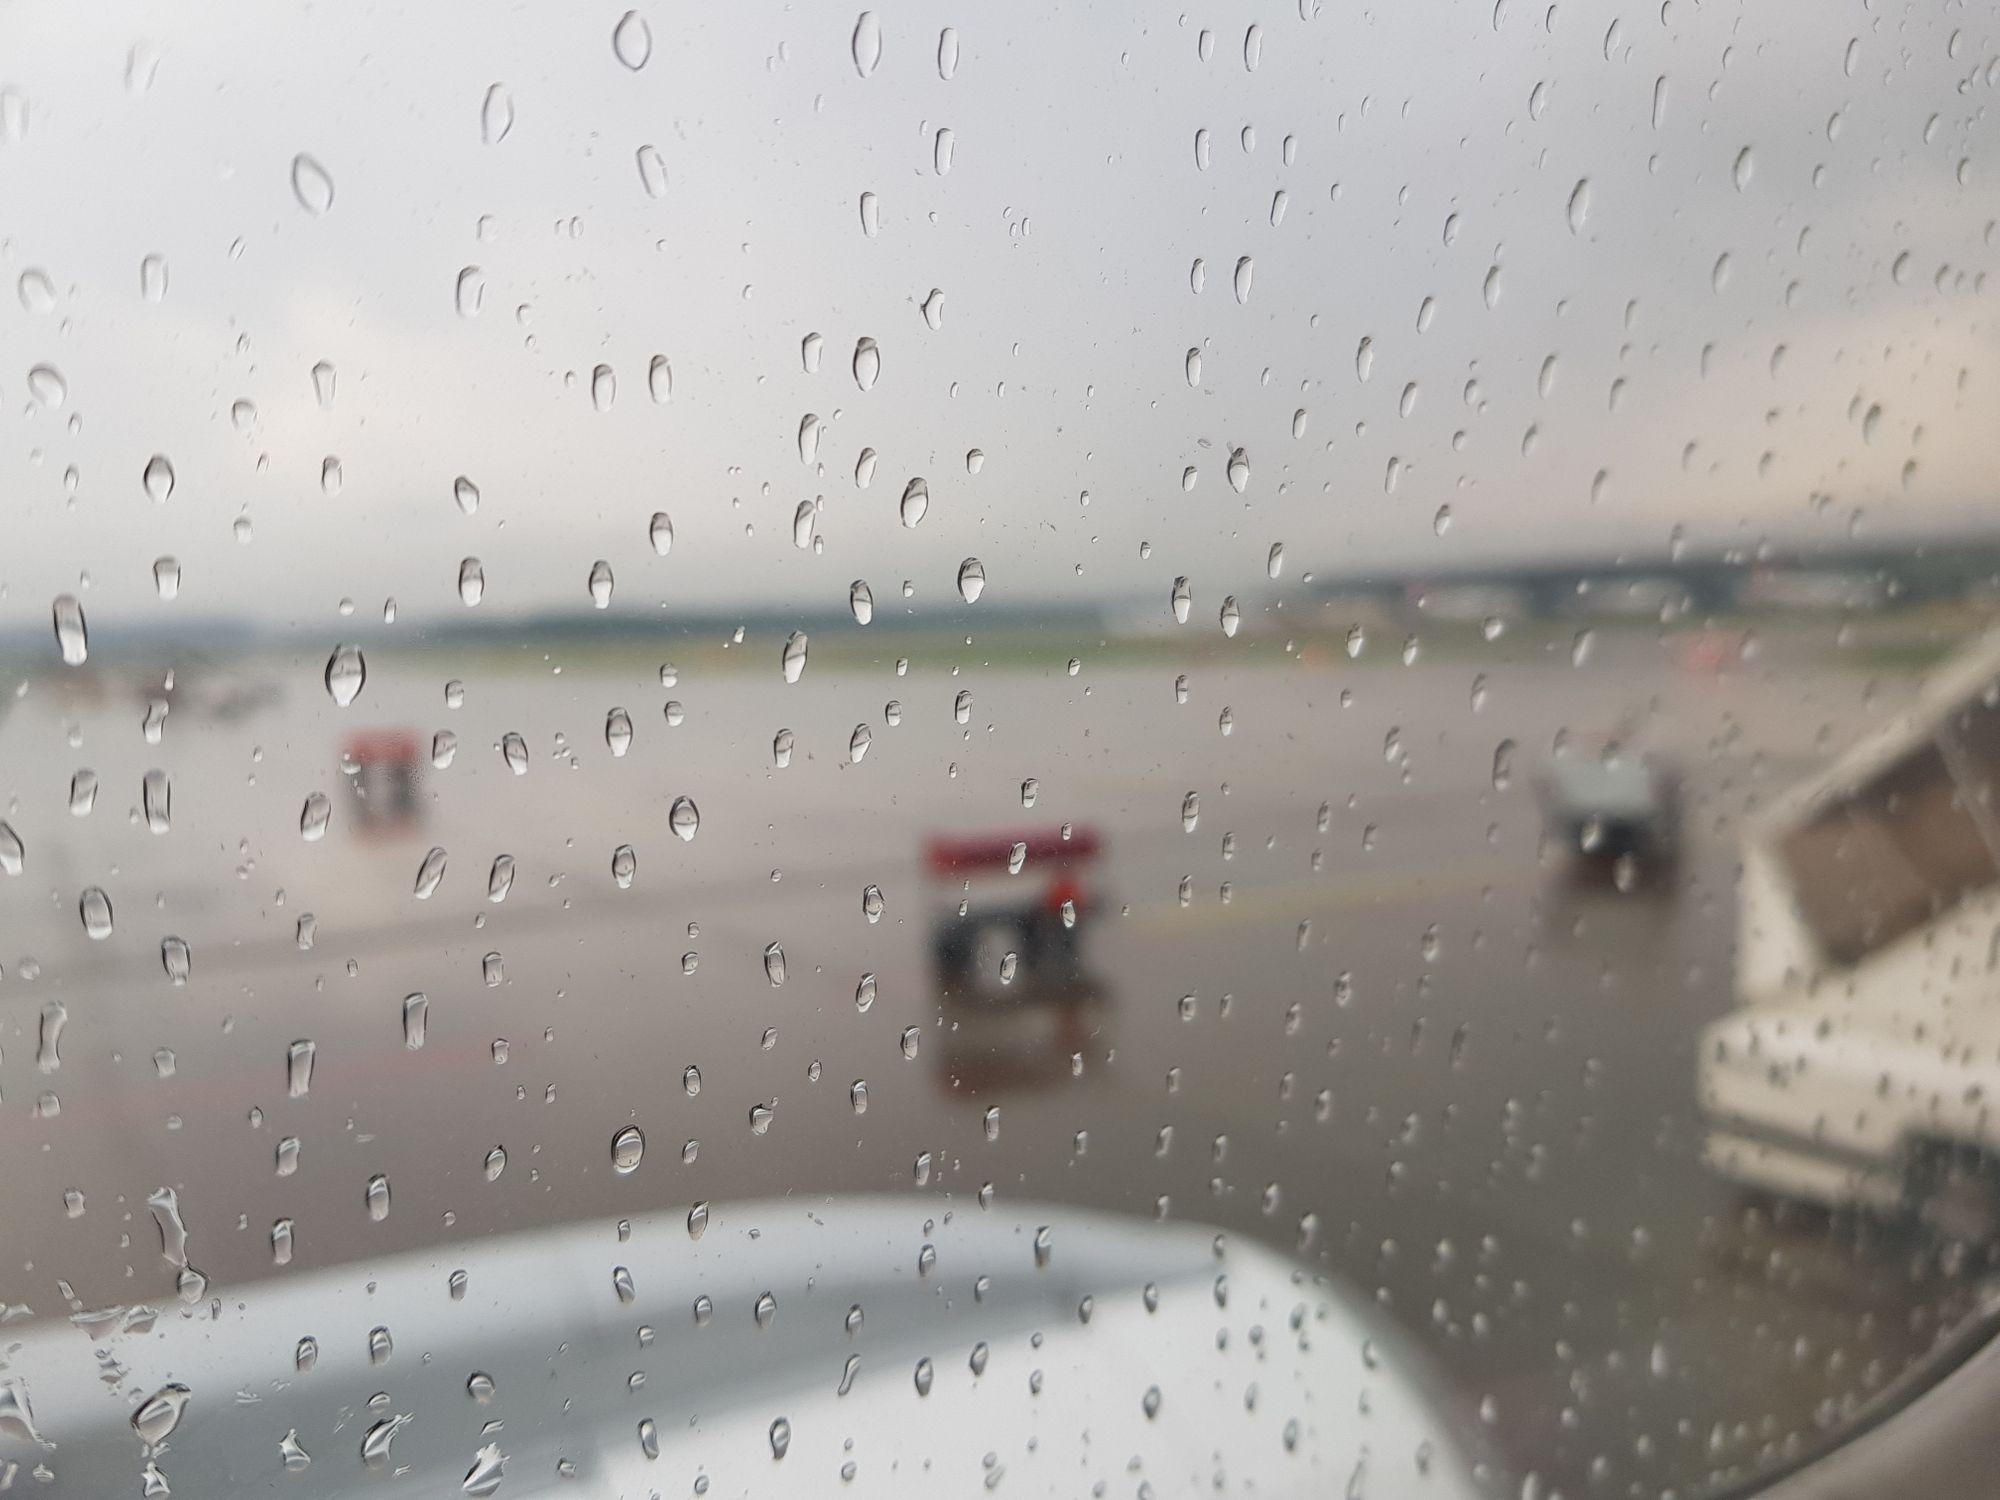 Regentropfen an der Scheibe des Flugzeugs in Zürich.